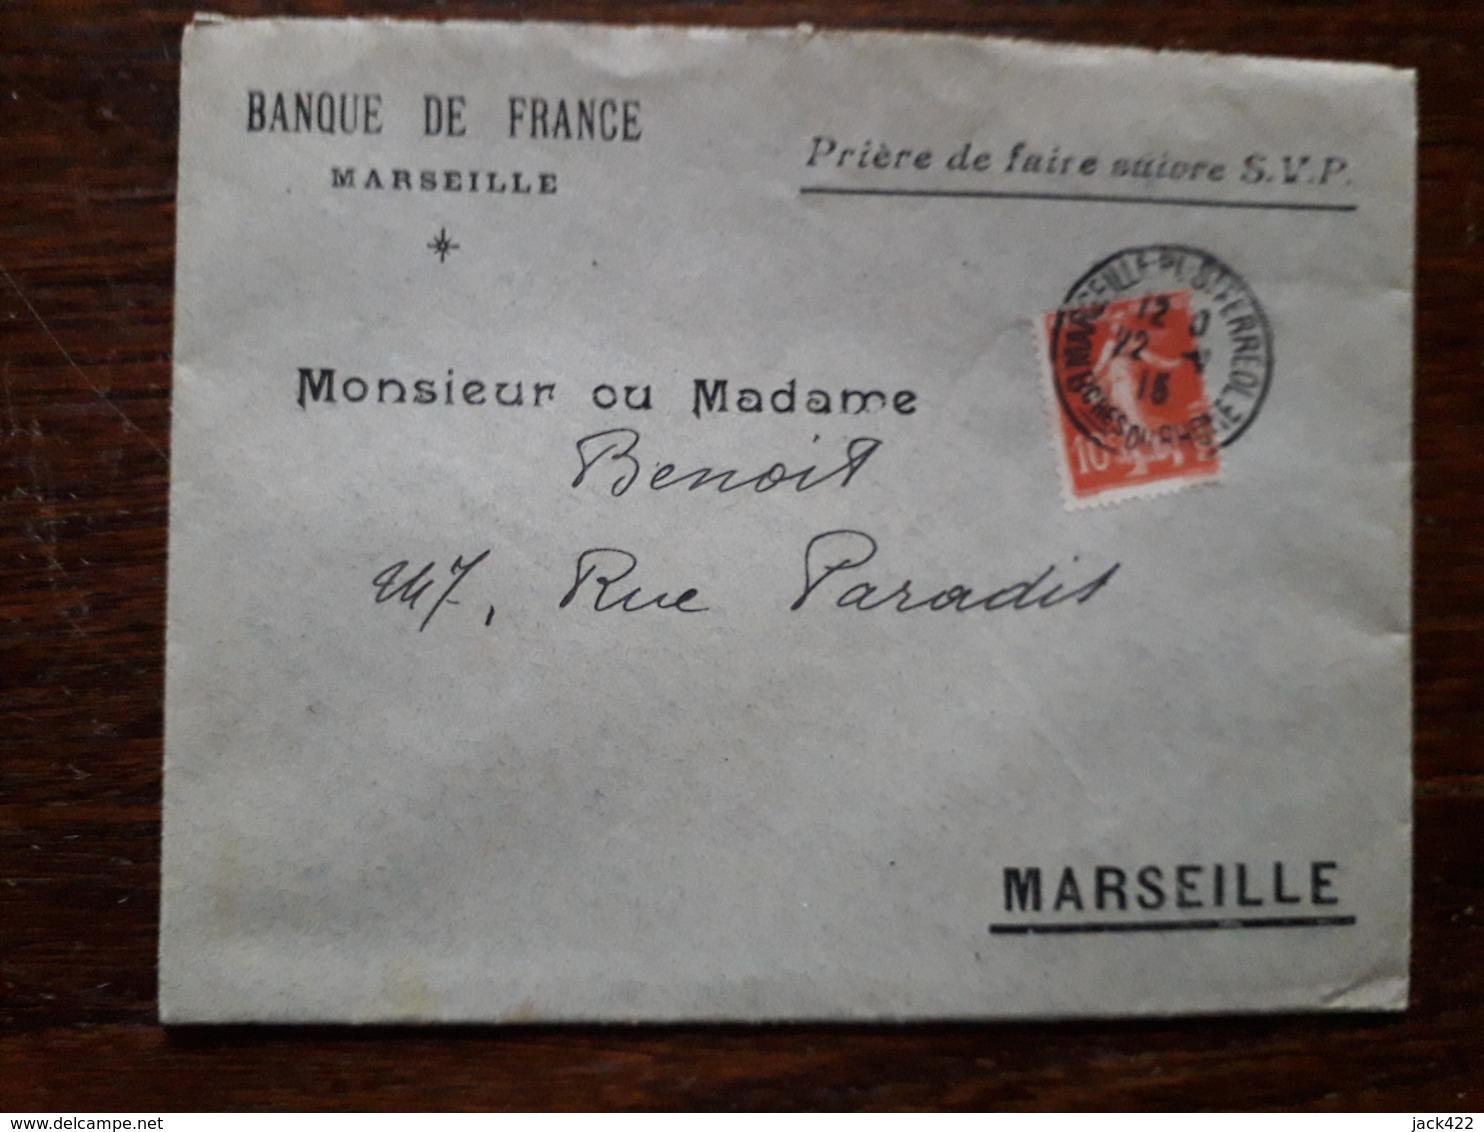 L19/246 Enveloppe Publicitaire . Banque De France. Marseille - Bank & Insurance